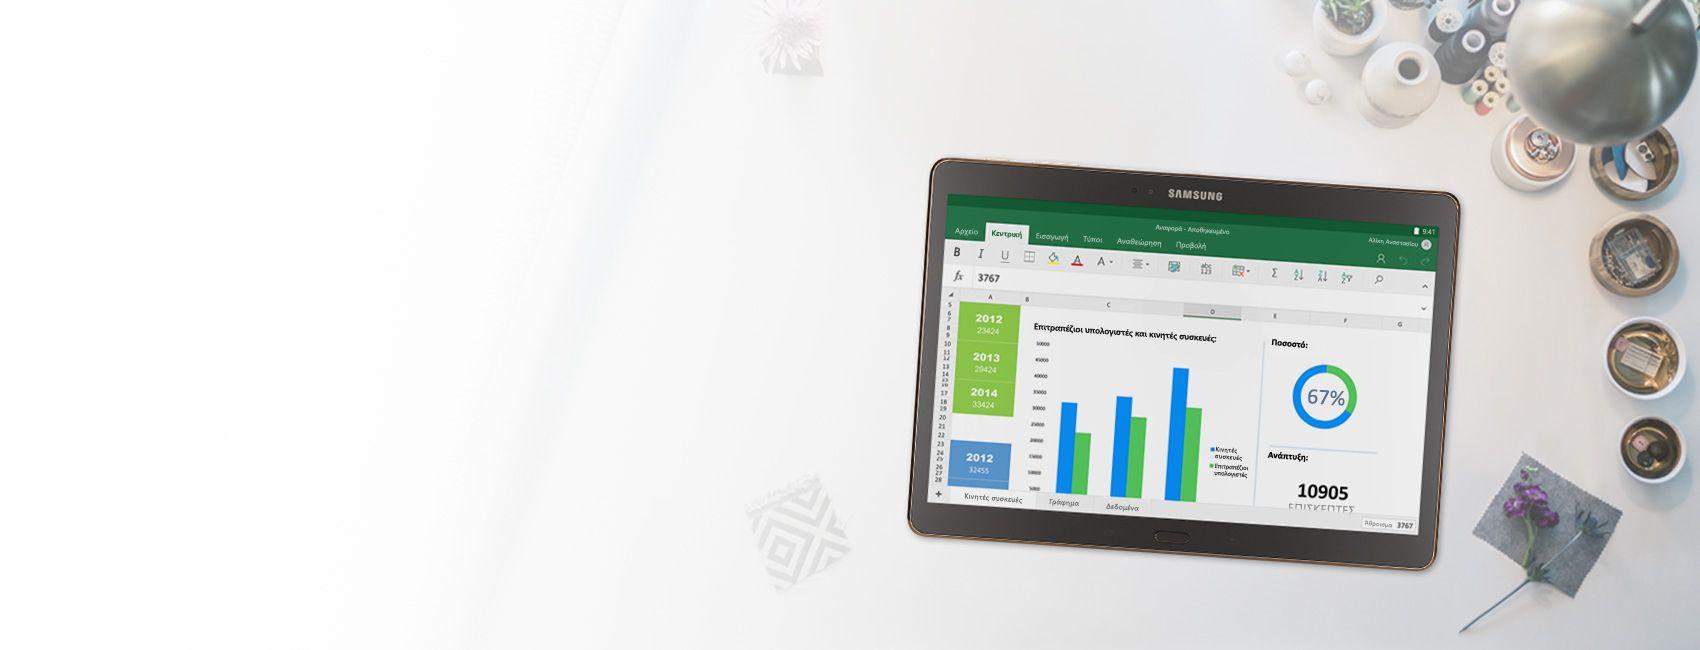 Ένα tablet που εμφανίζει γραφήματα σε μια αναφορά του Excel